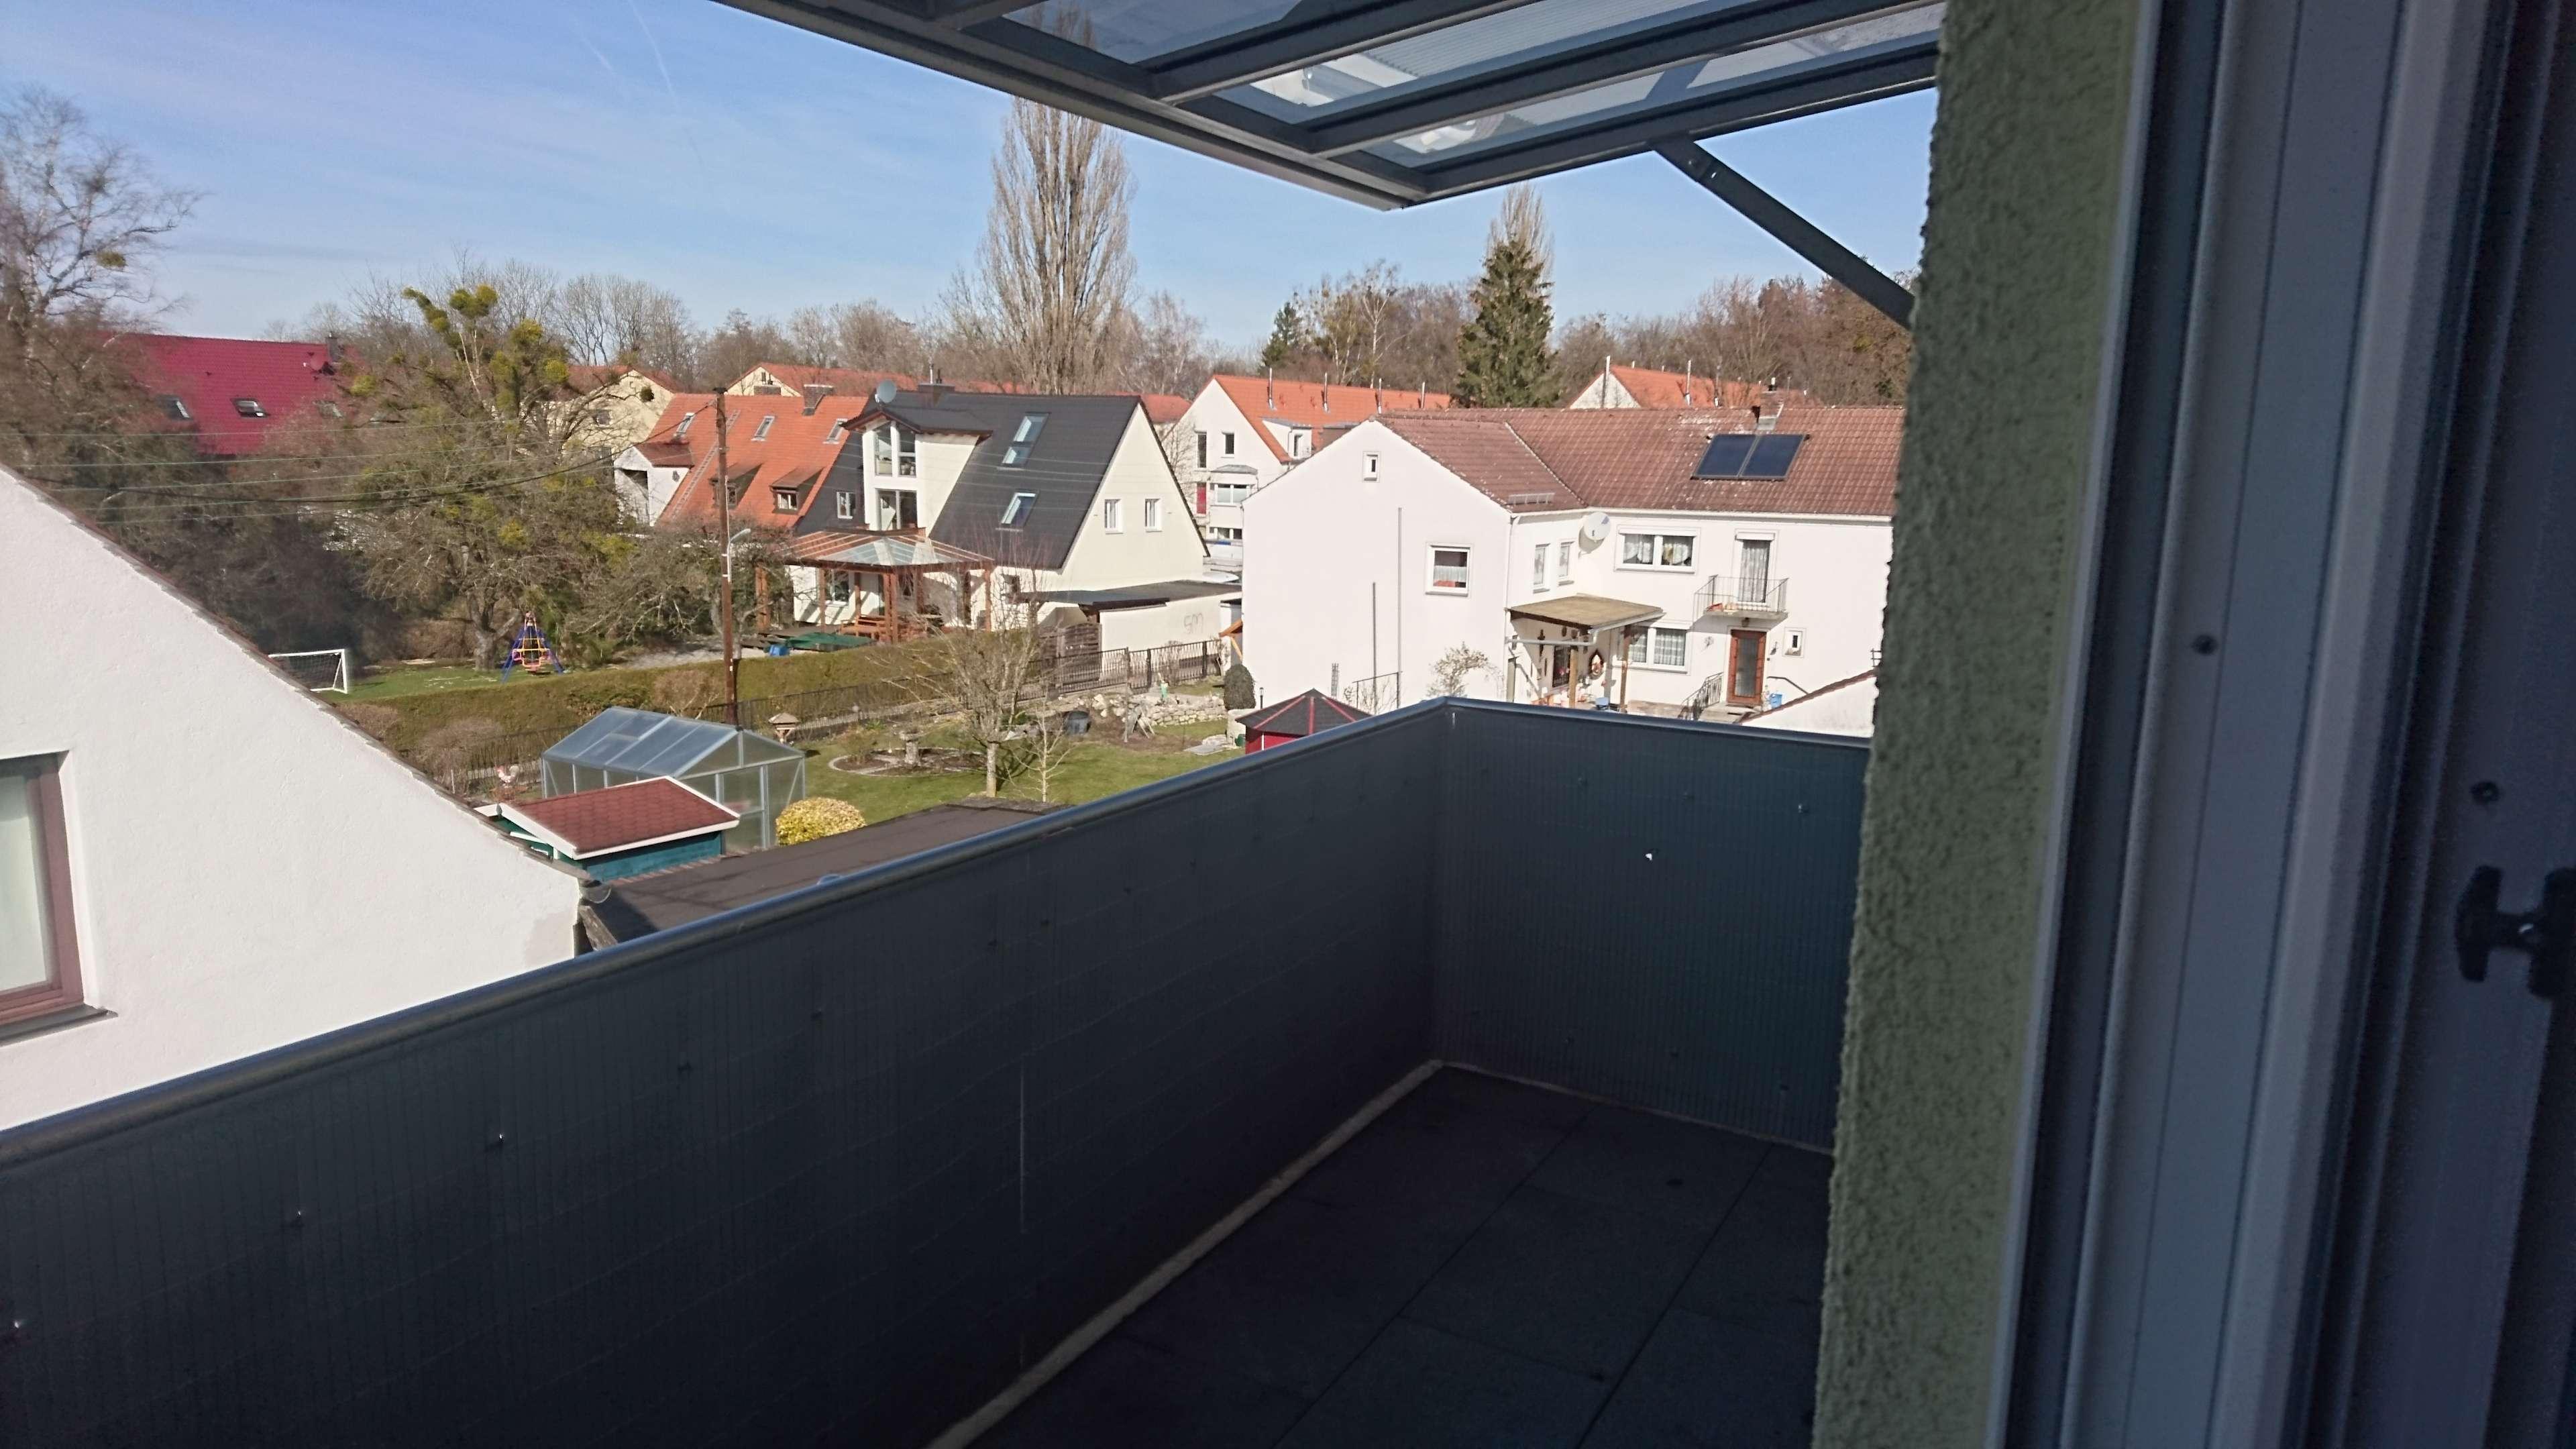 Sehr schöne 3-Zimmer-DG-Wohnung 83 m² W/Nfl. mit Balkon und EBK in Allach, München in Allach (München)